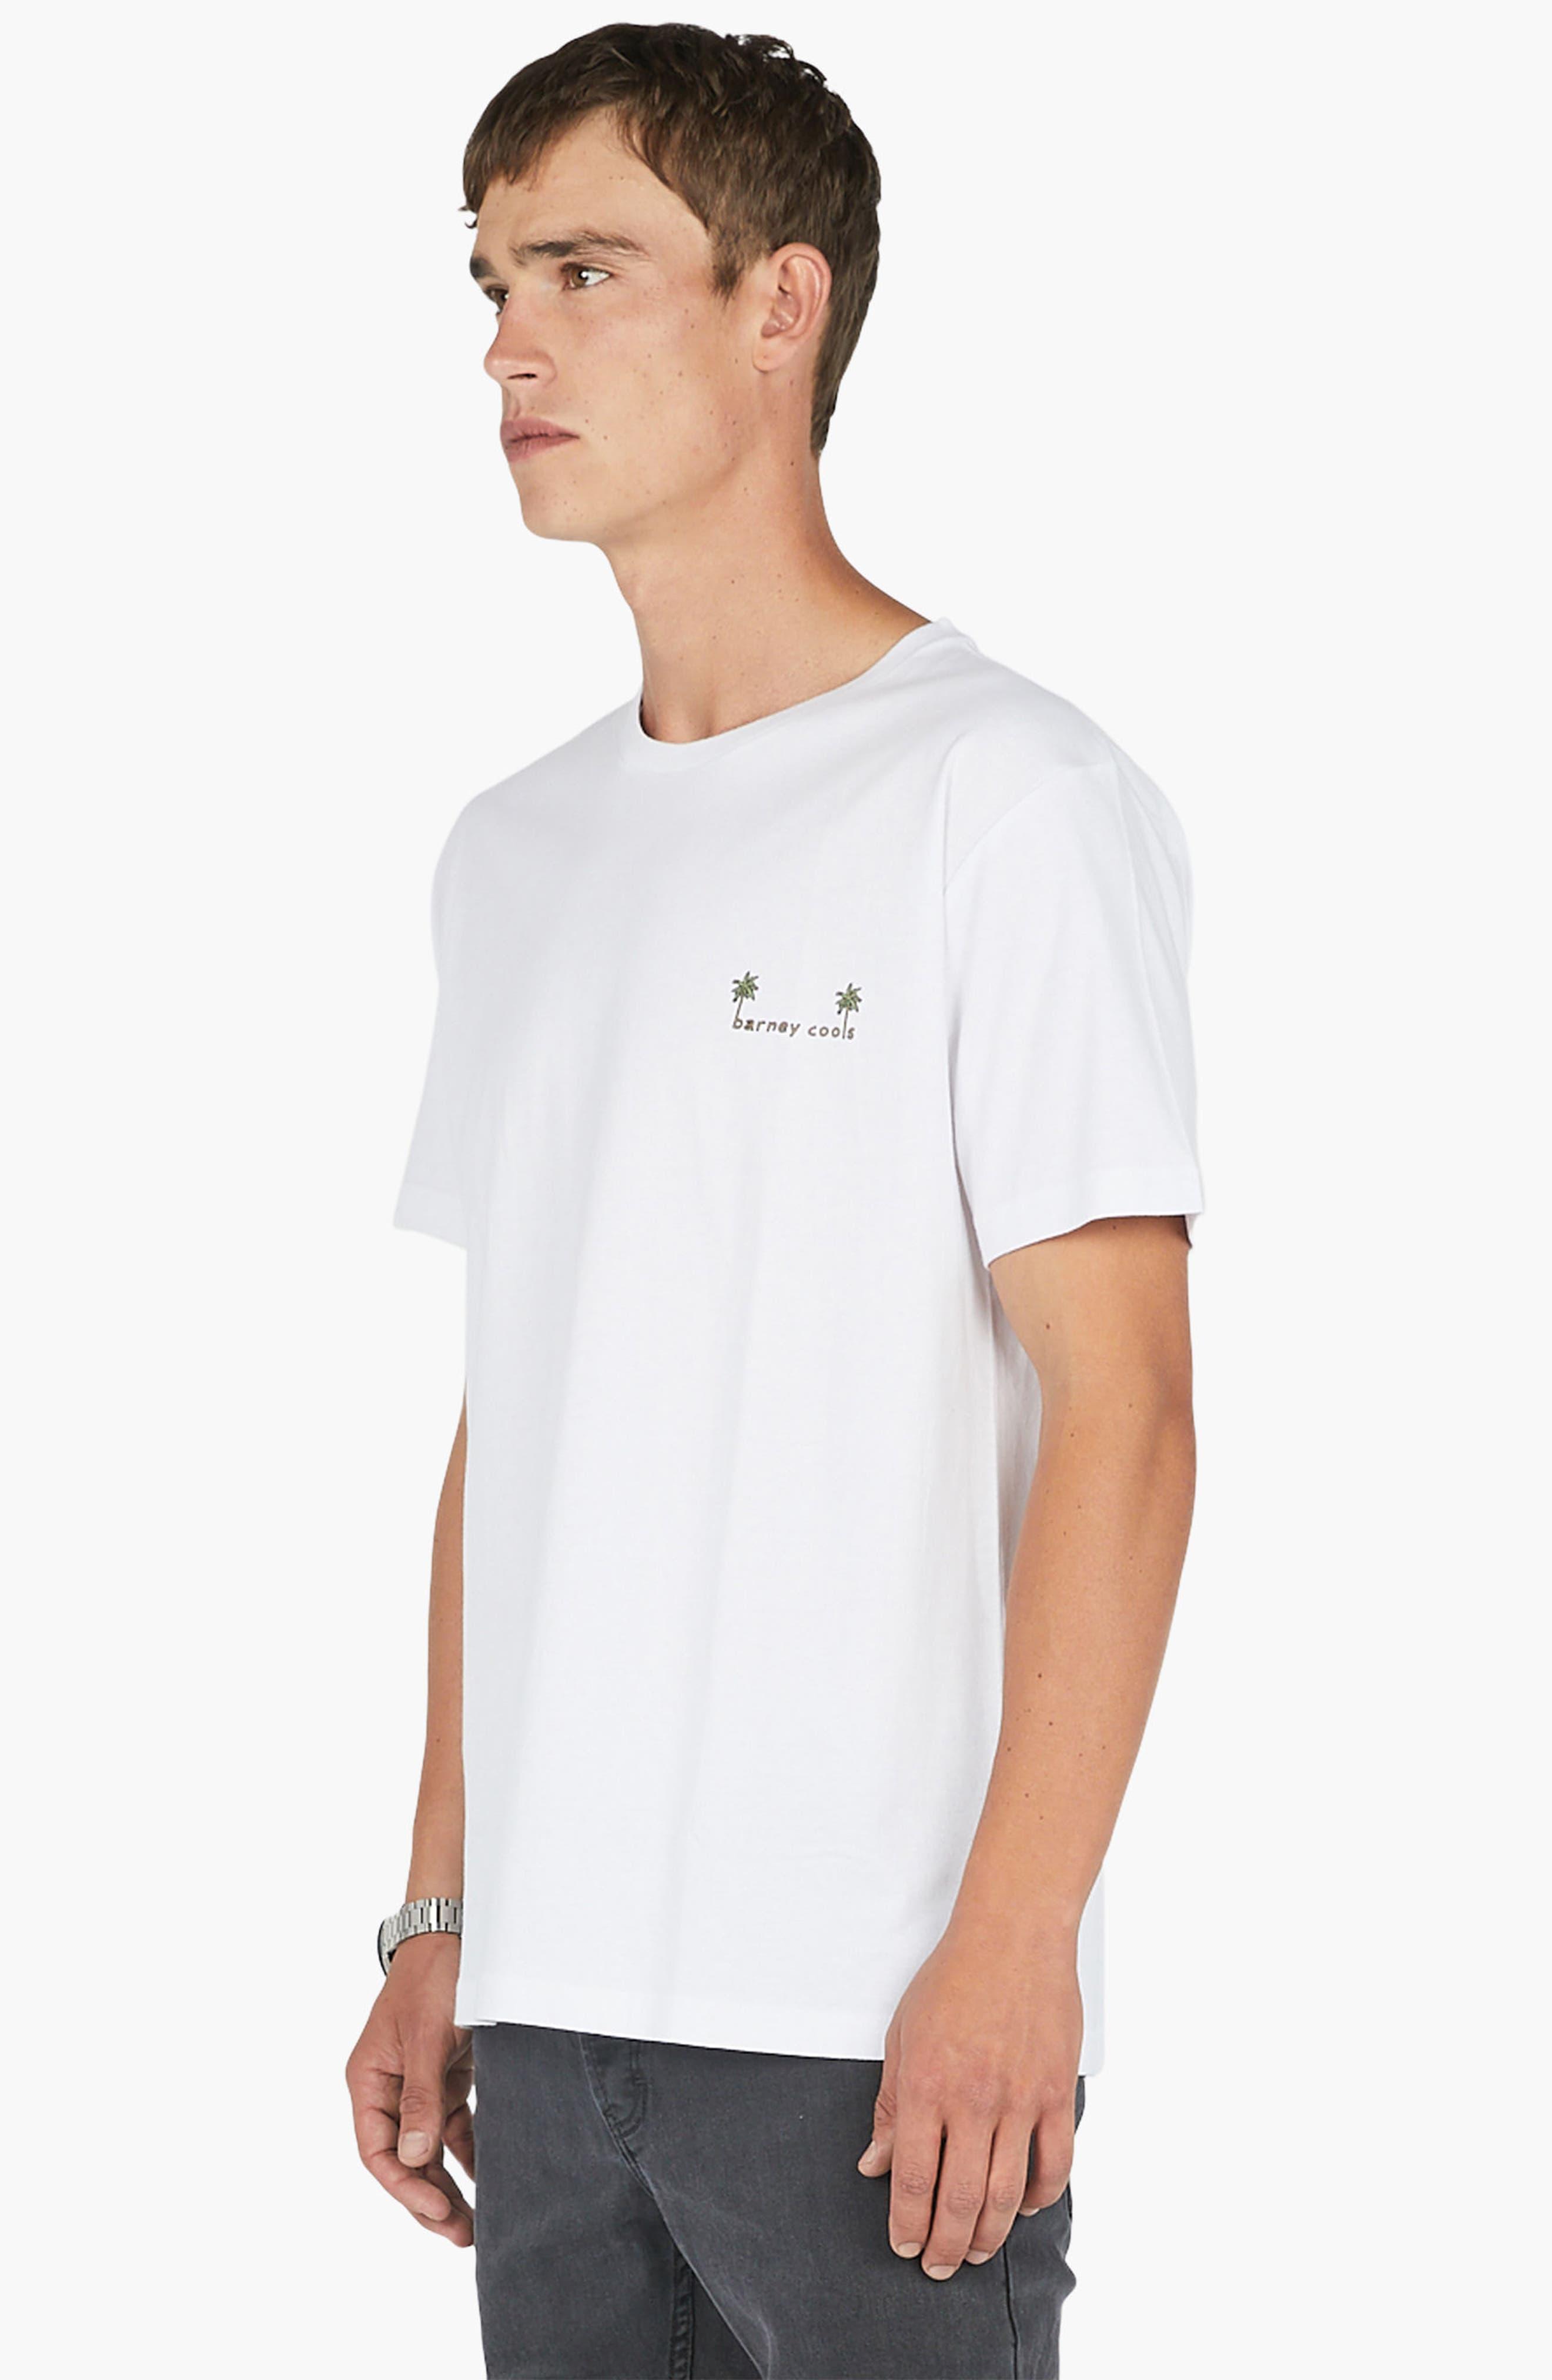 Life's Tough T-Shirt,                             Alternate thumbnail 4, color,                             White